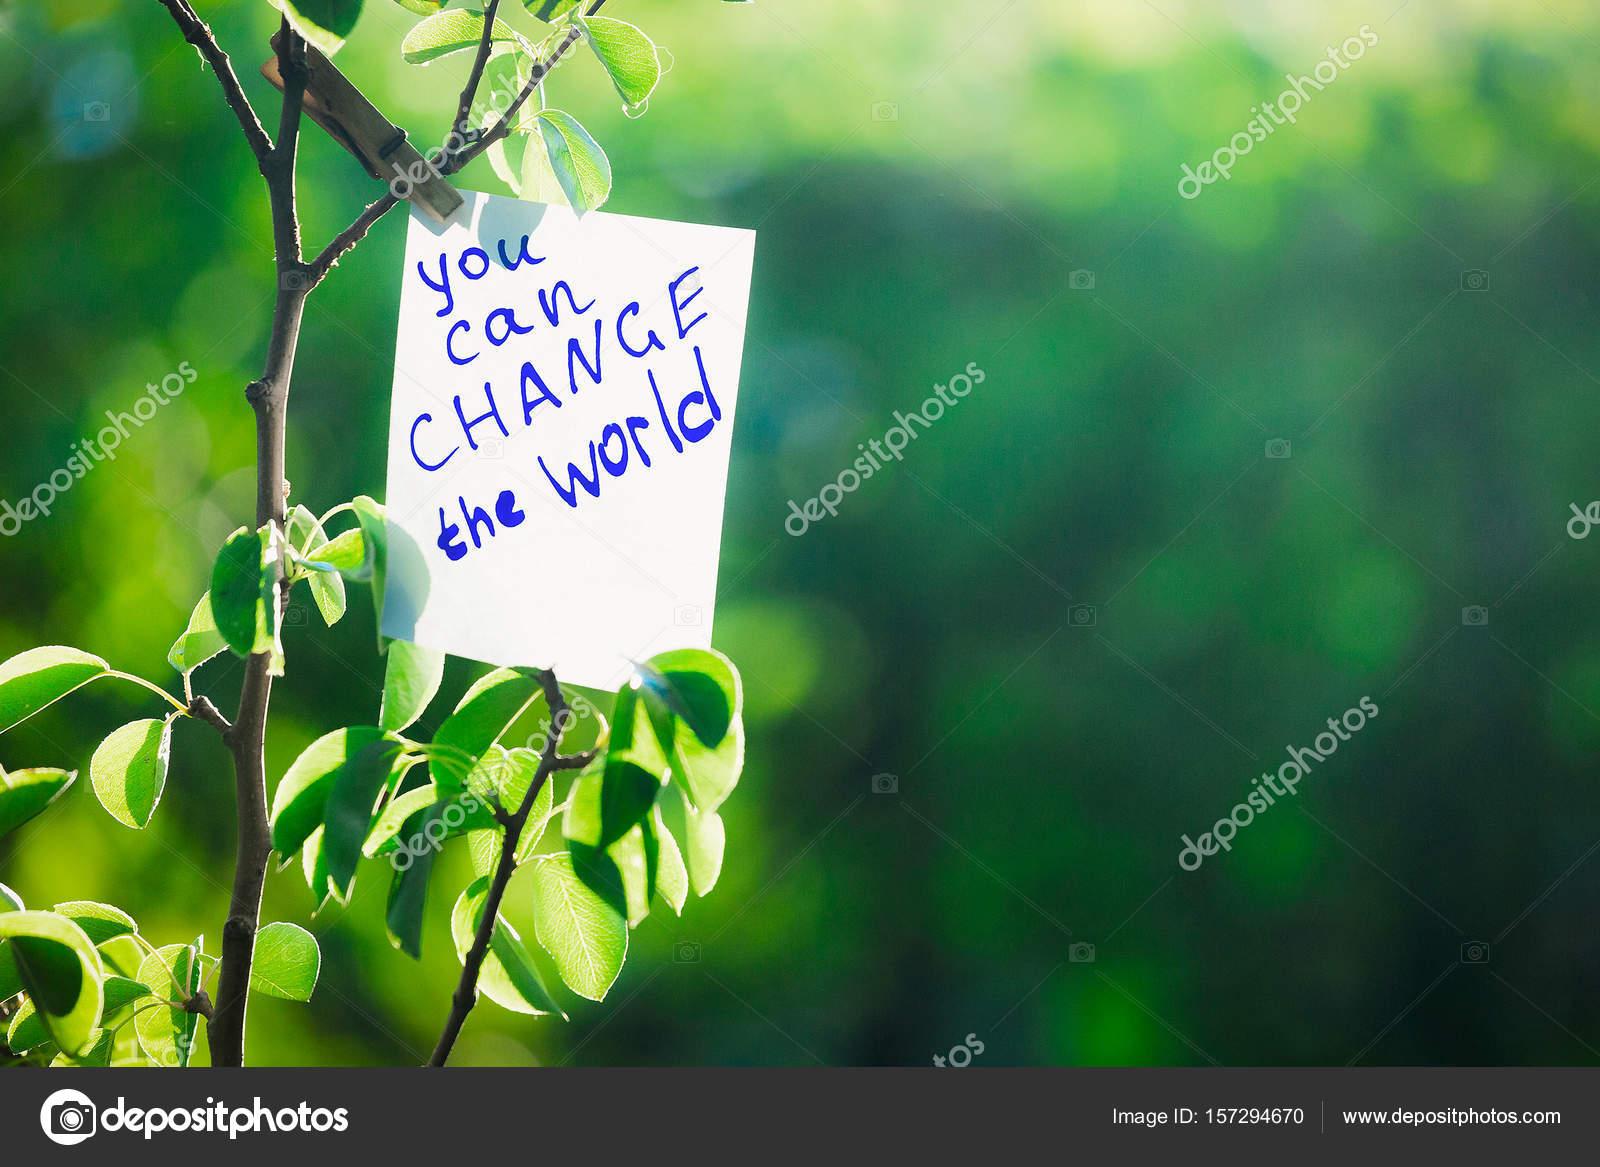 Frase Motivadora Você Pode Mudar O Mundo Sobre Um Fundo